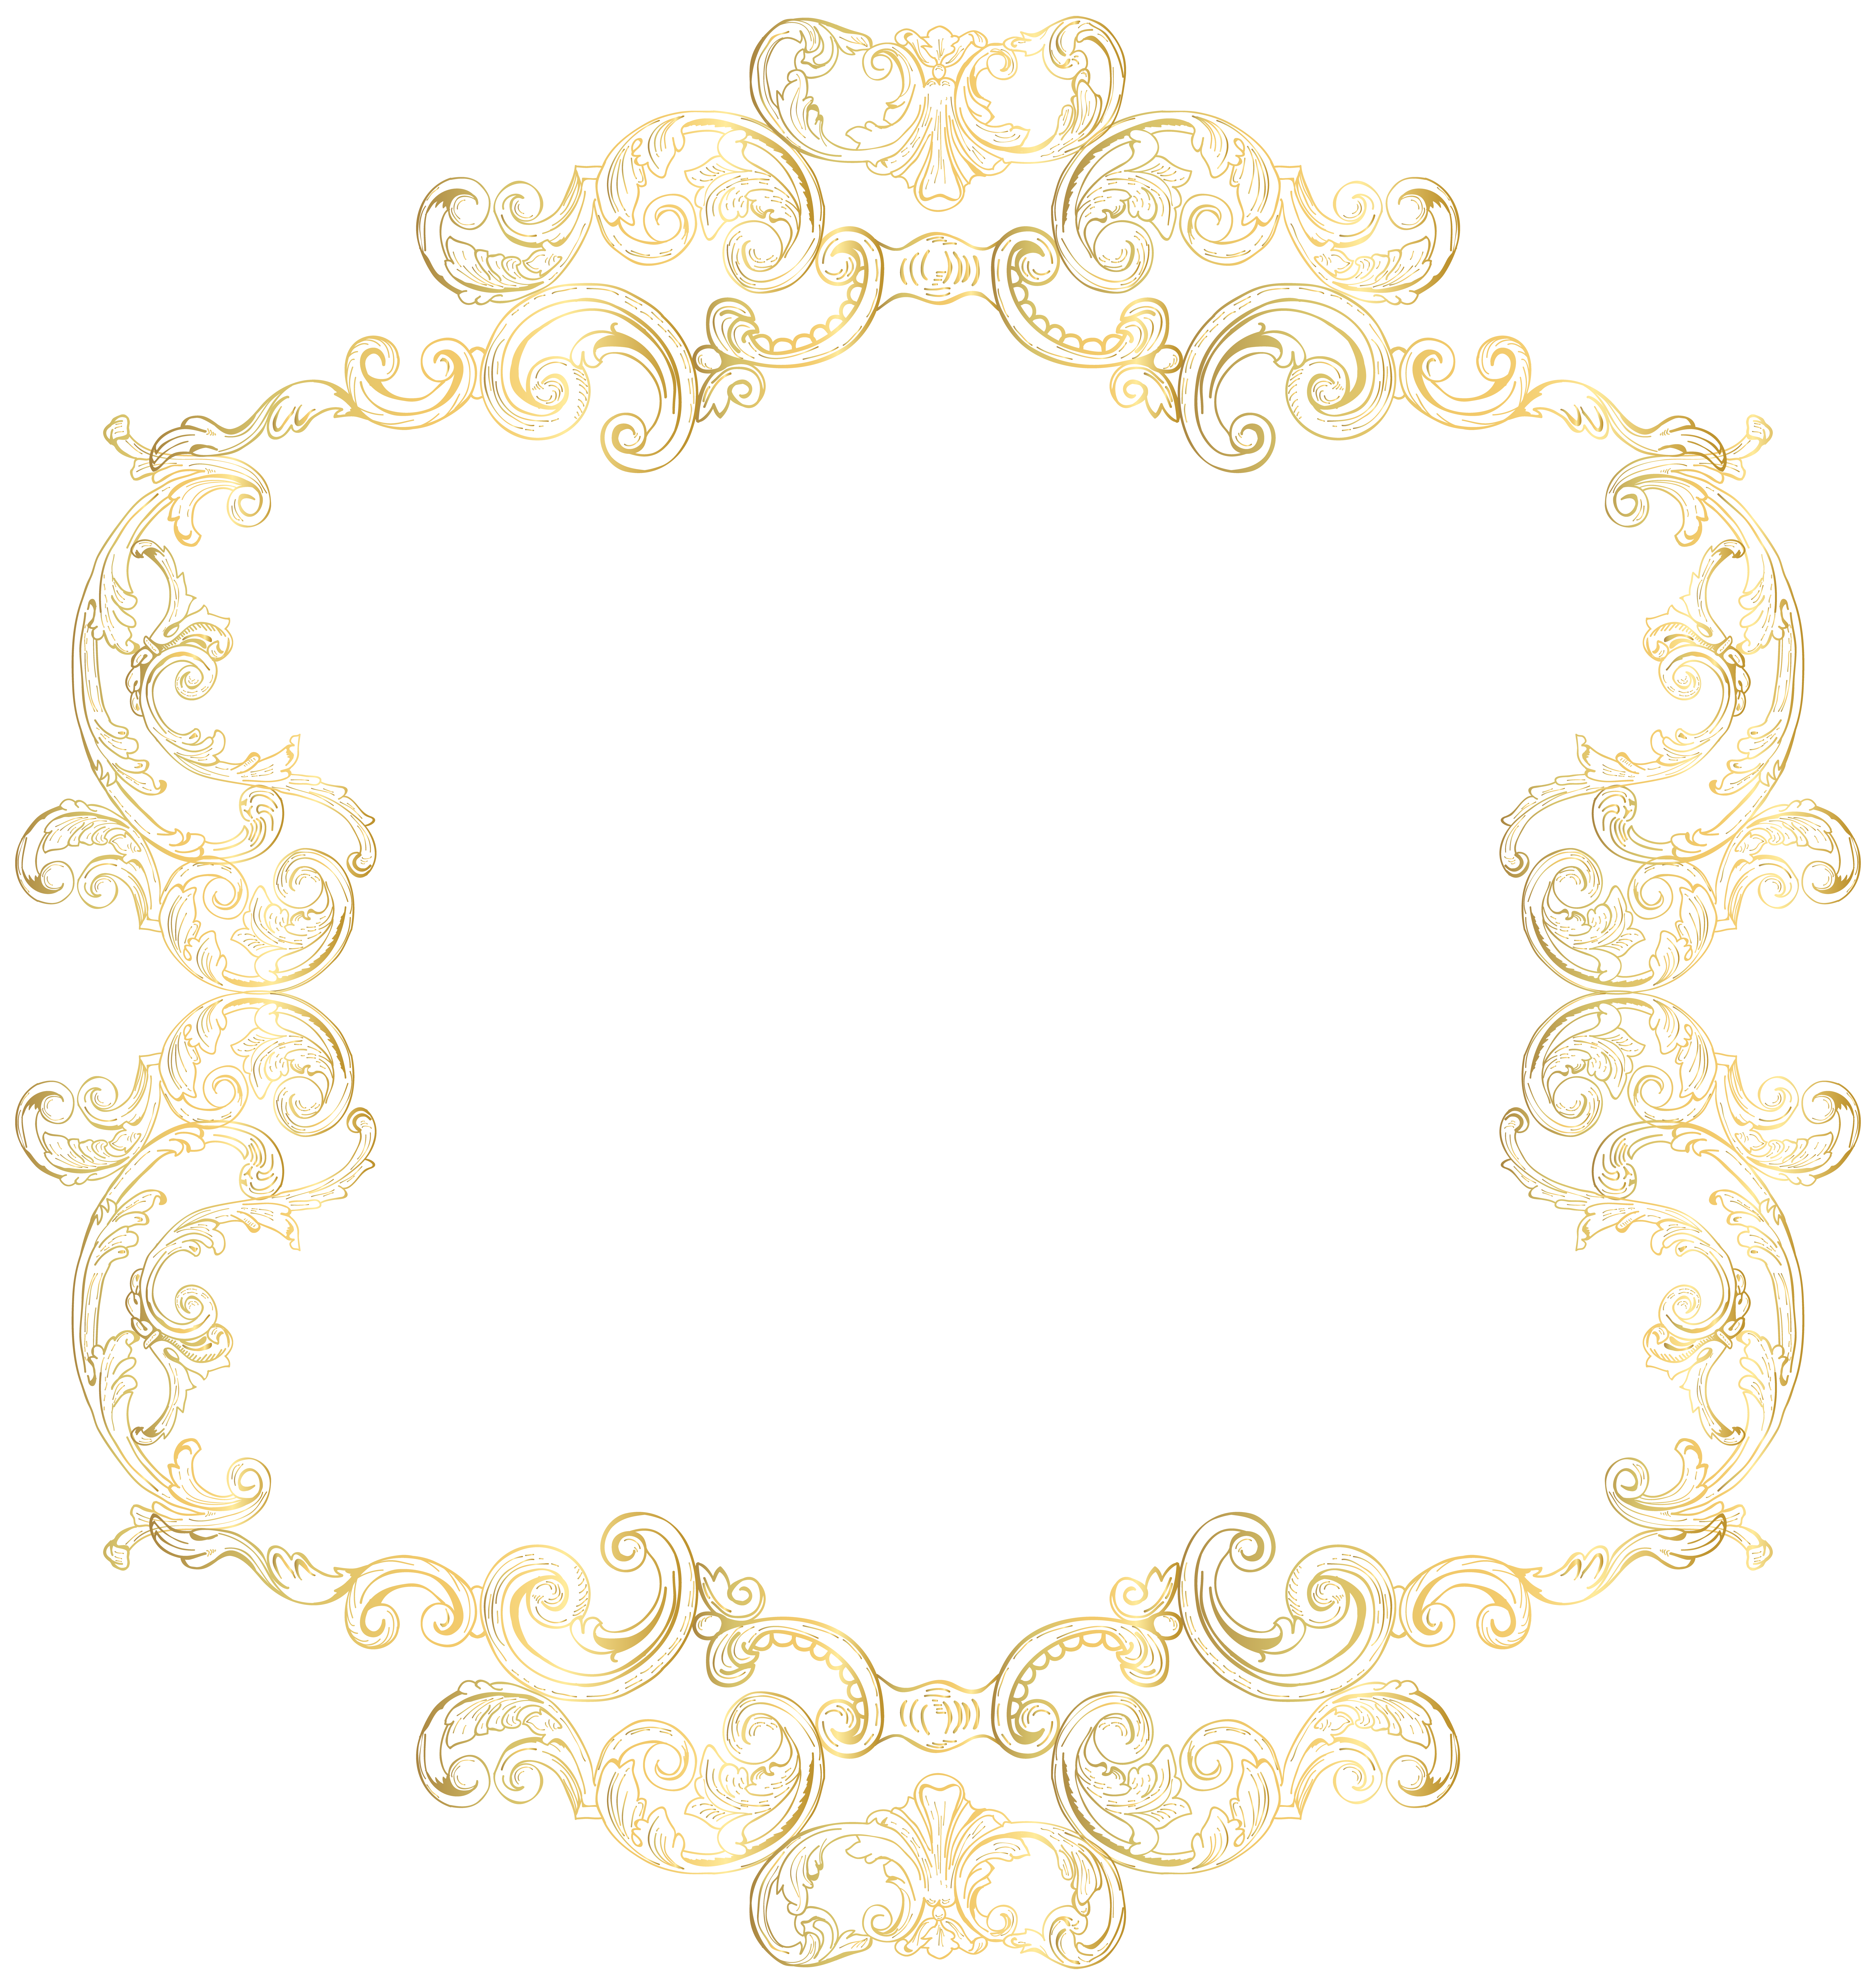 Vintage gold frame png. Border clip art image